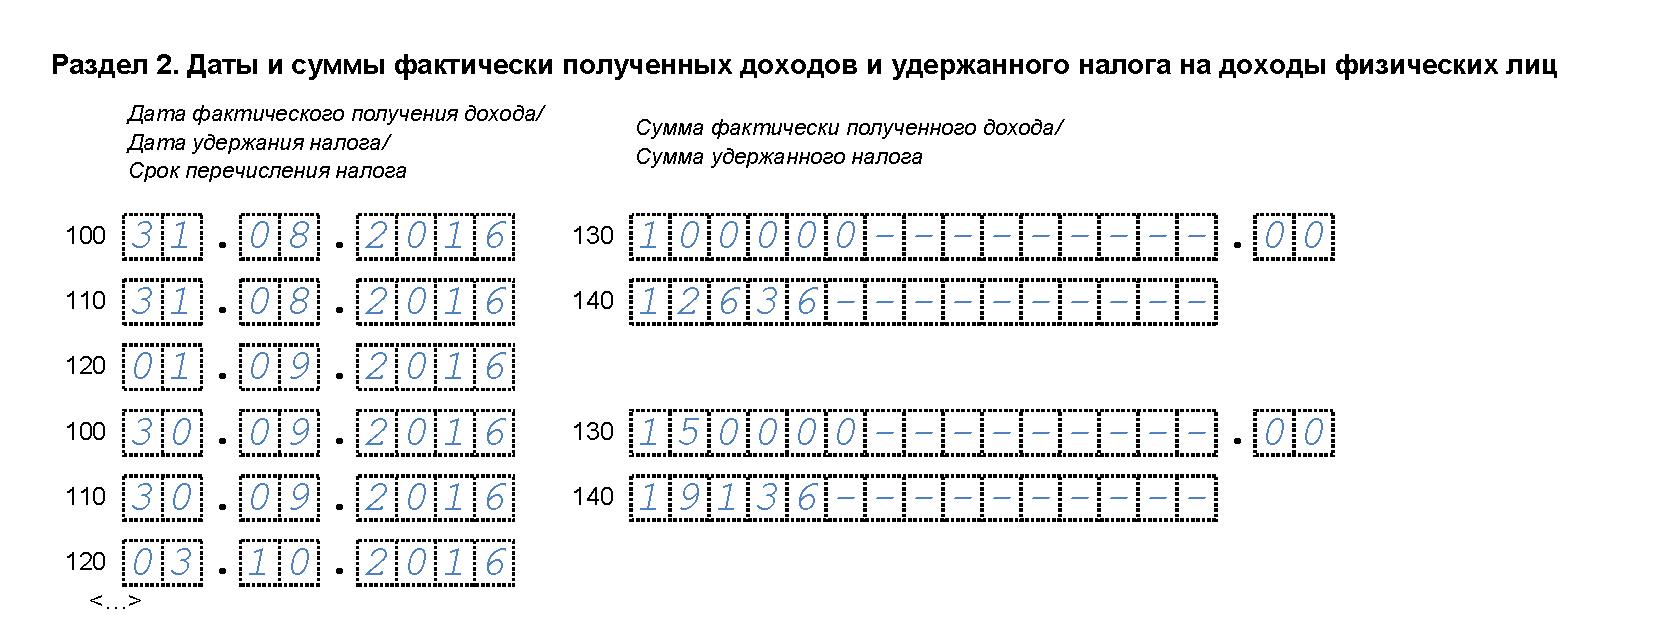 Отчетность 6-НДФЛ за 3 квартал 2016 года